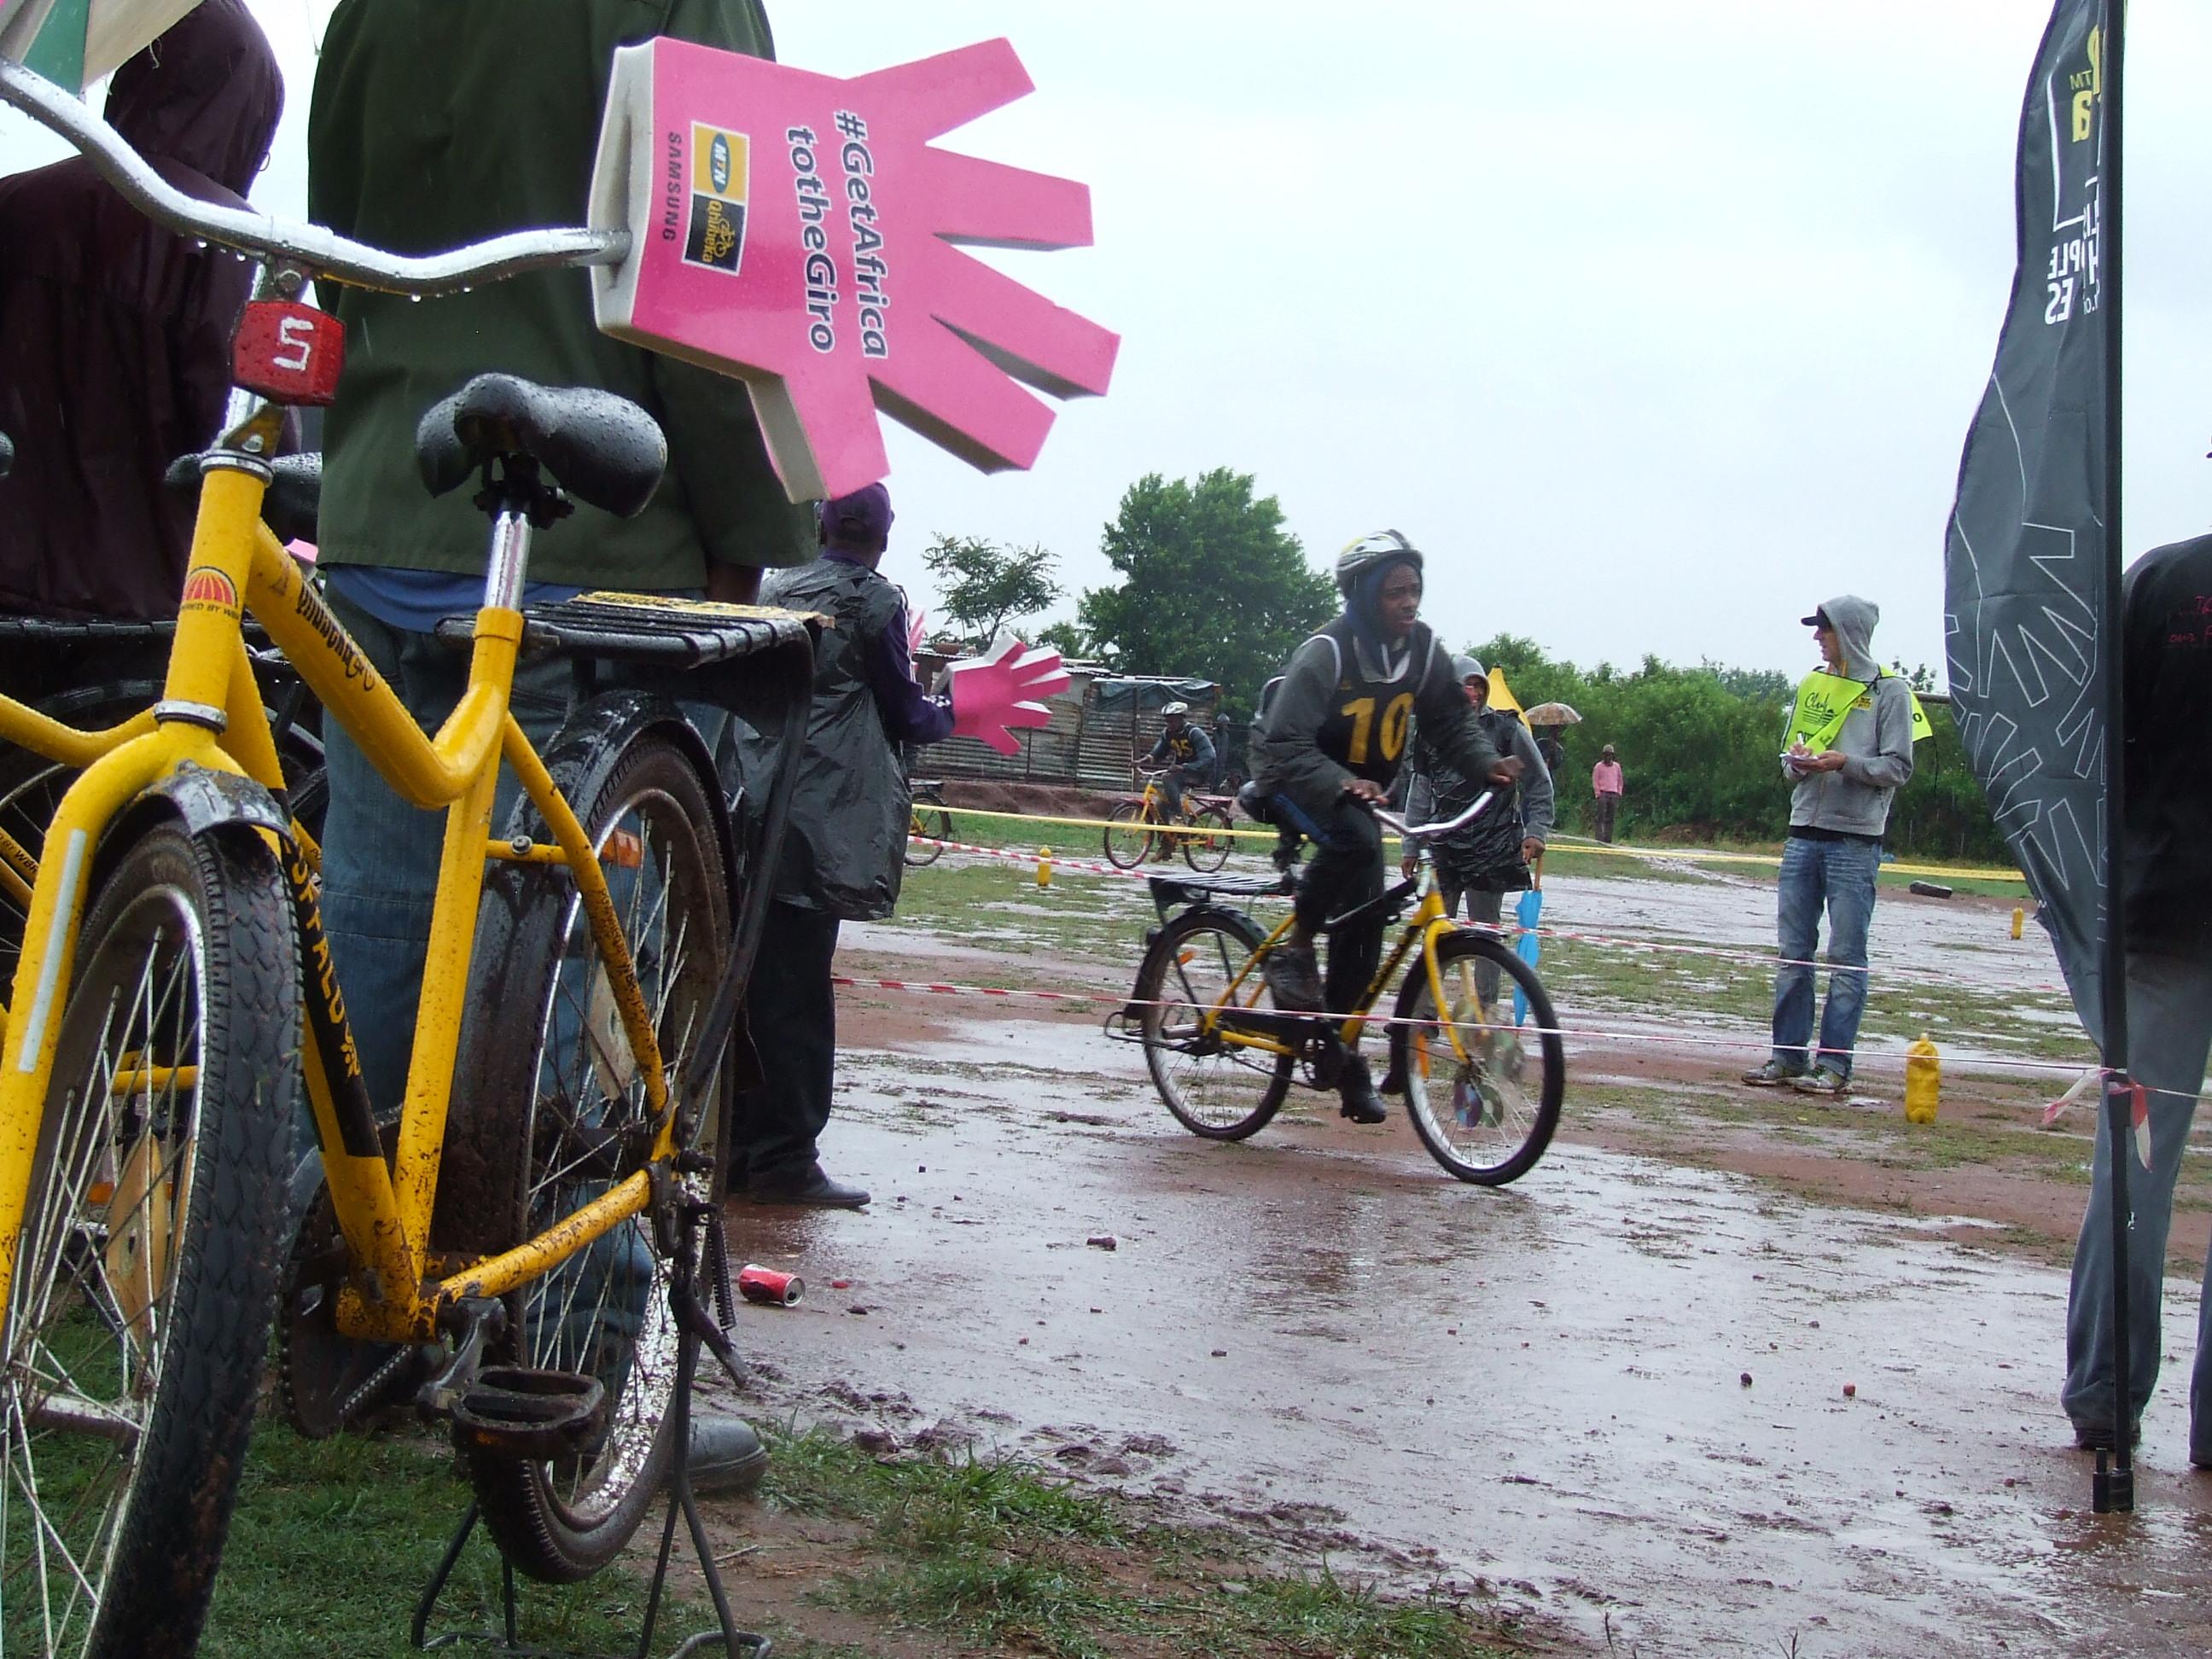 Qhubeka bicycle